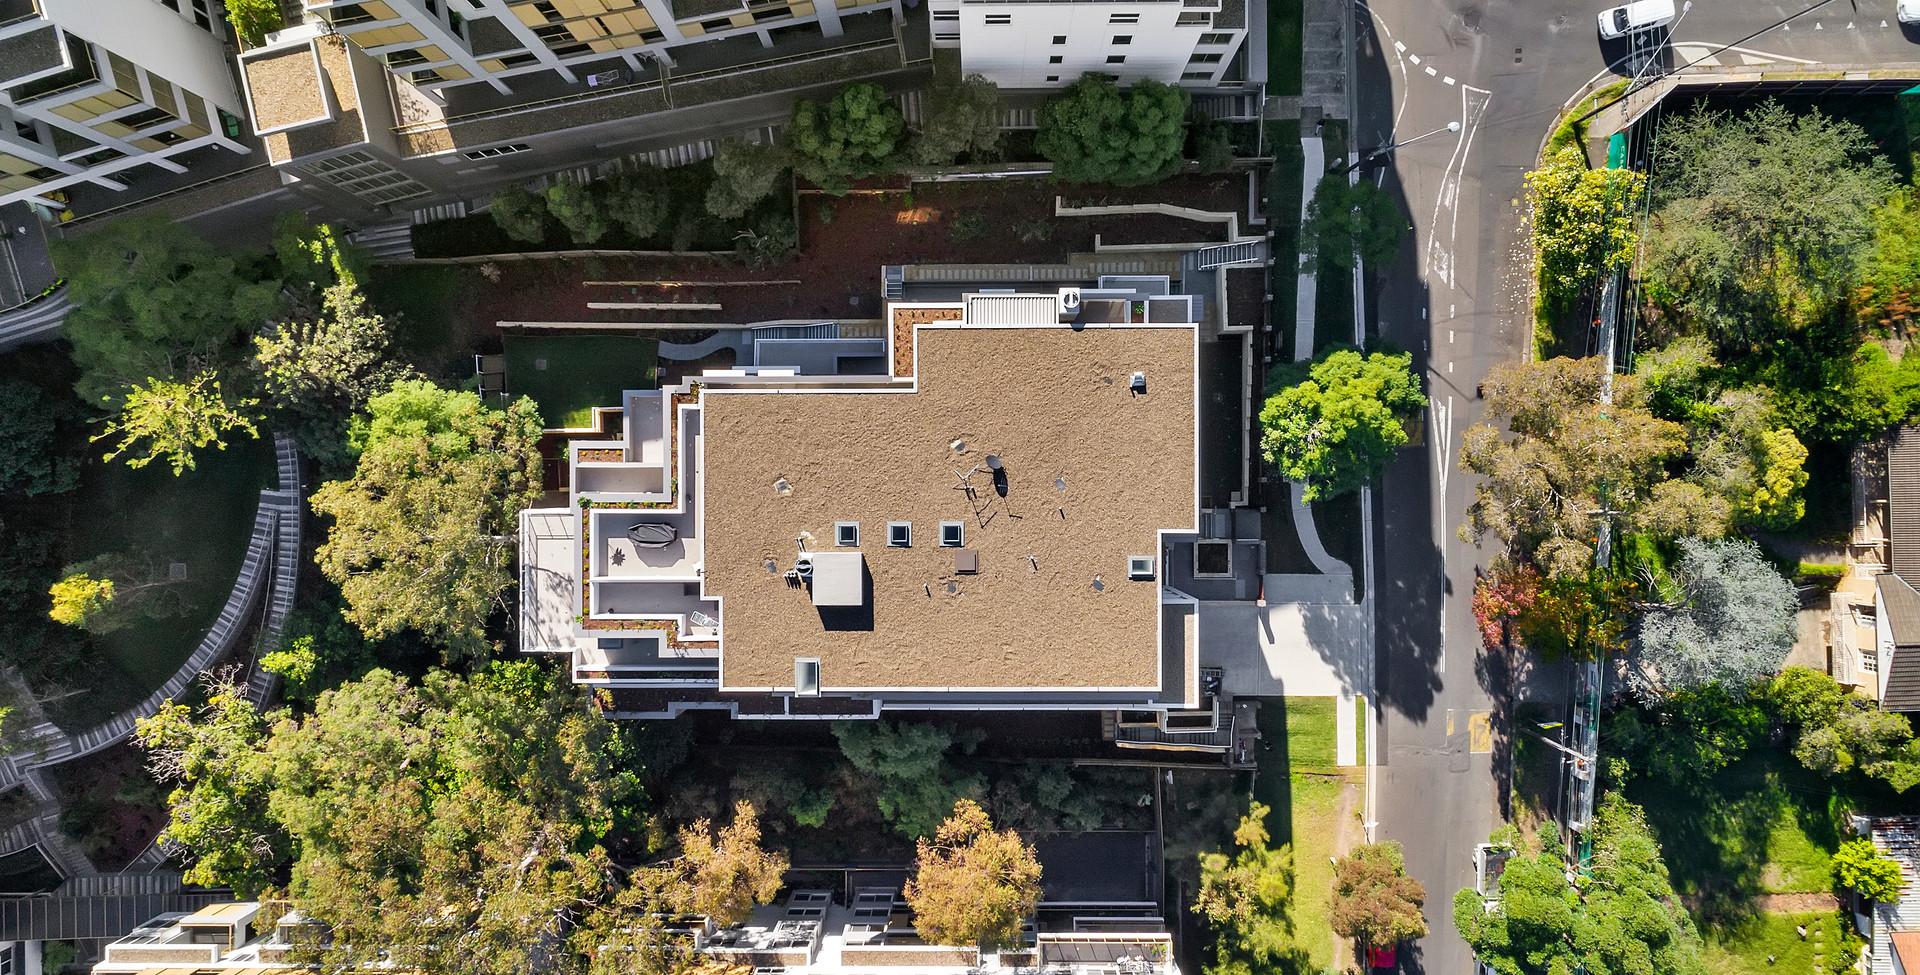 1 - Drone rooftop.jpg